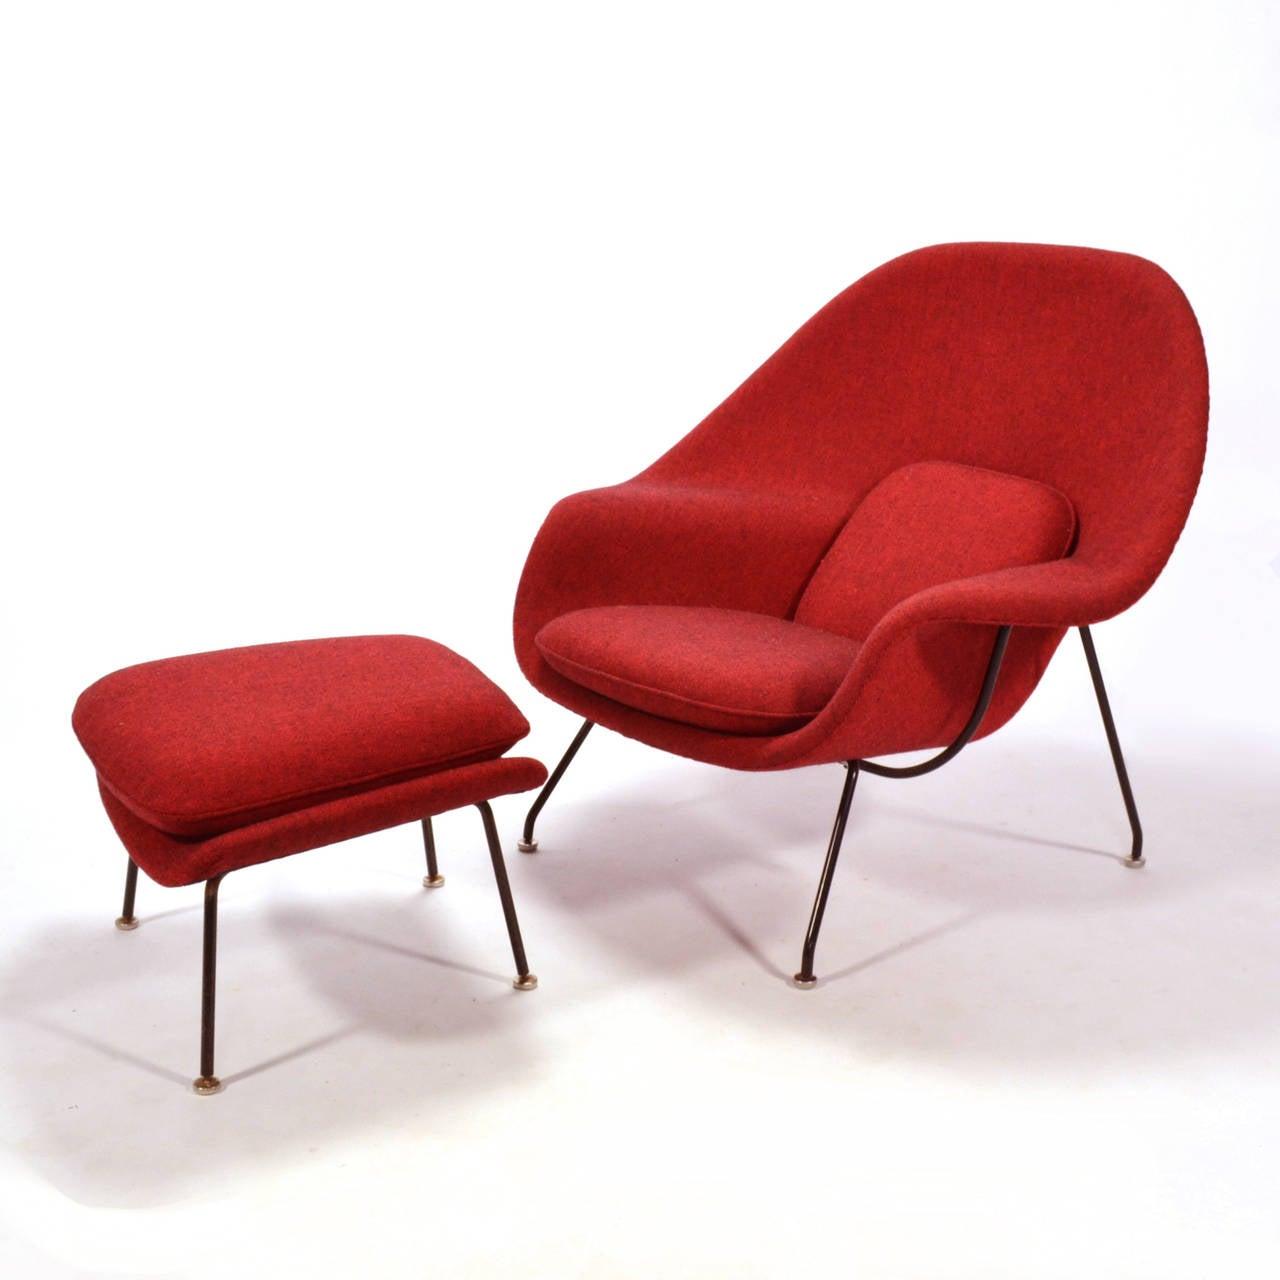 eero saarinen womb chair and ottoman upholstered in alexander  - eero saarinen womb chair and ottoman upholstered in alexander girard fabric